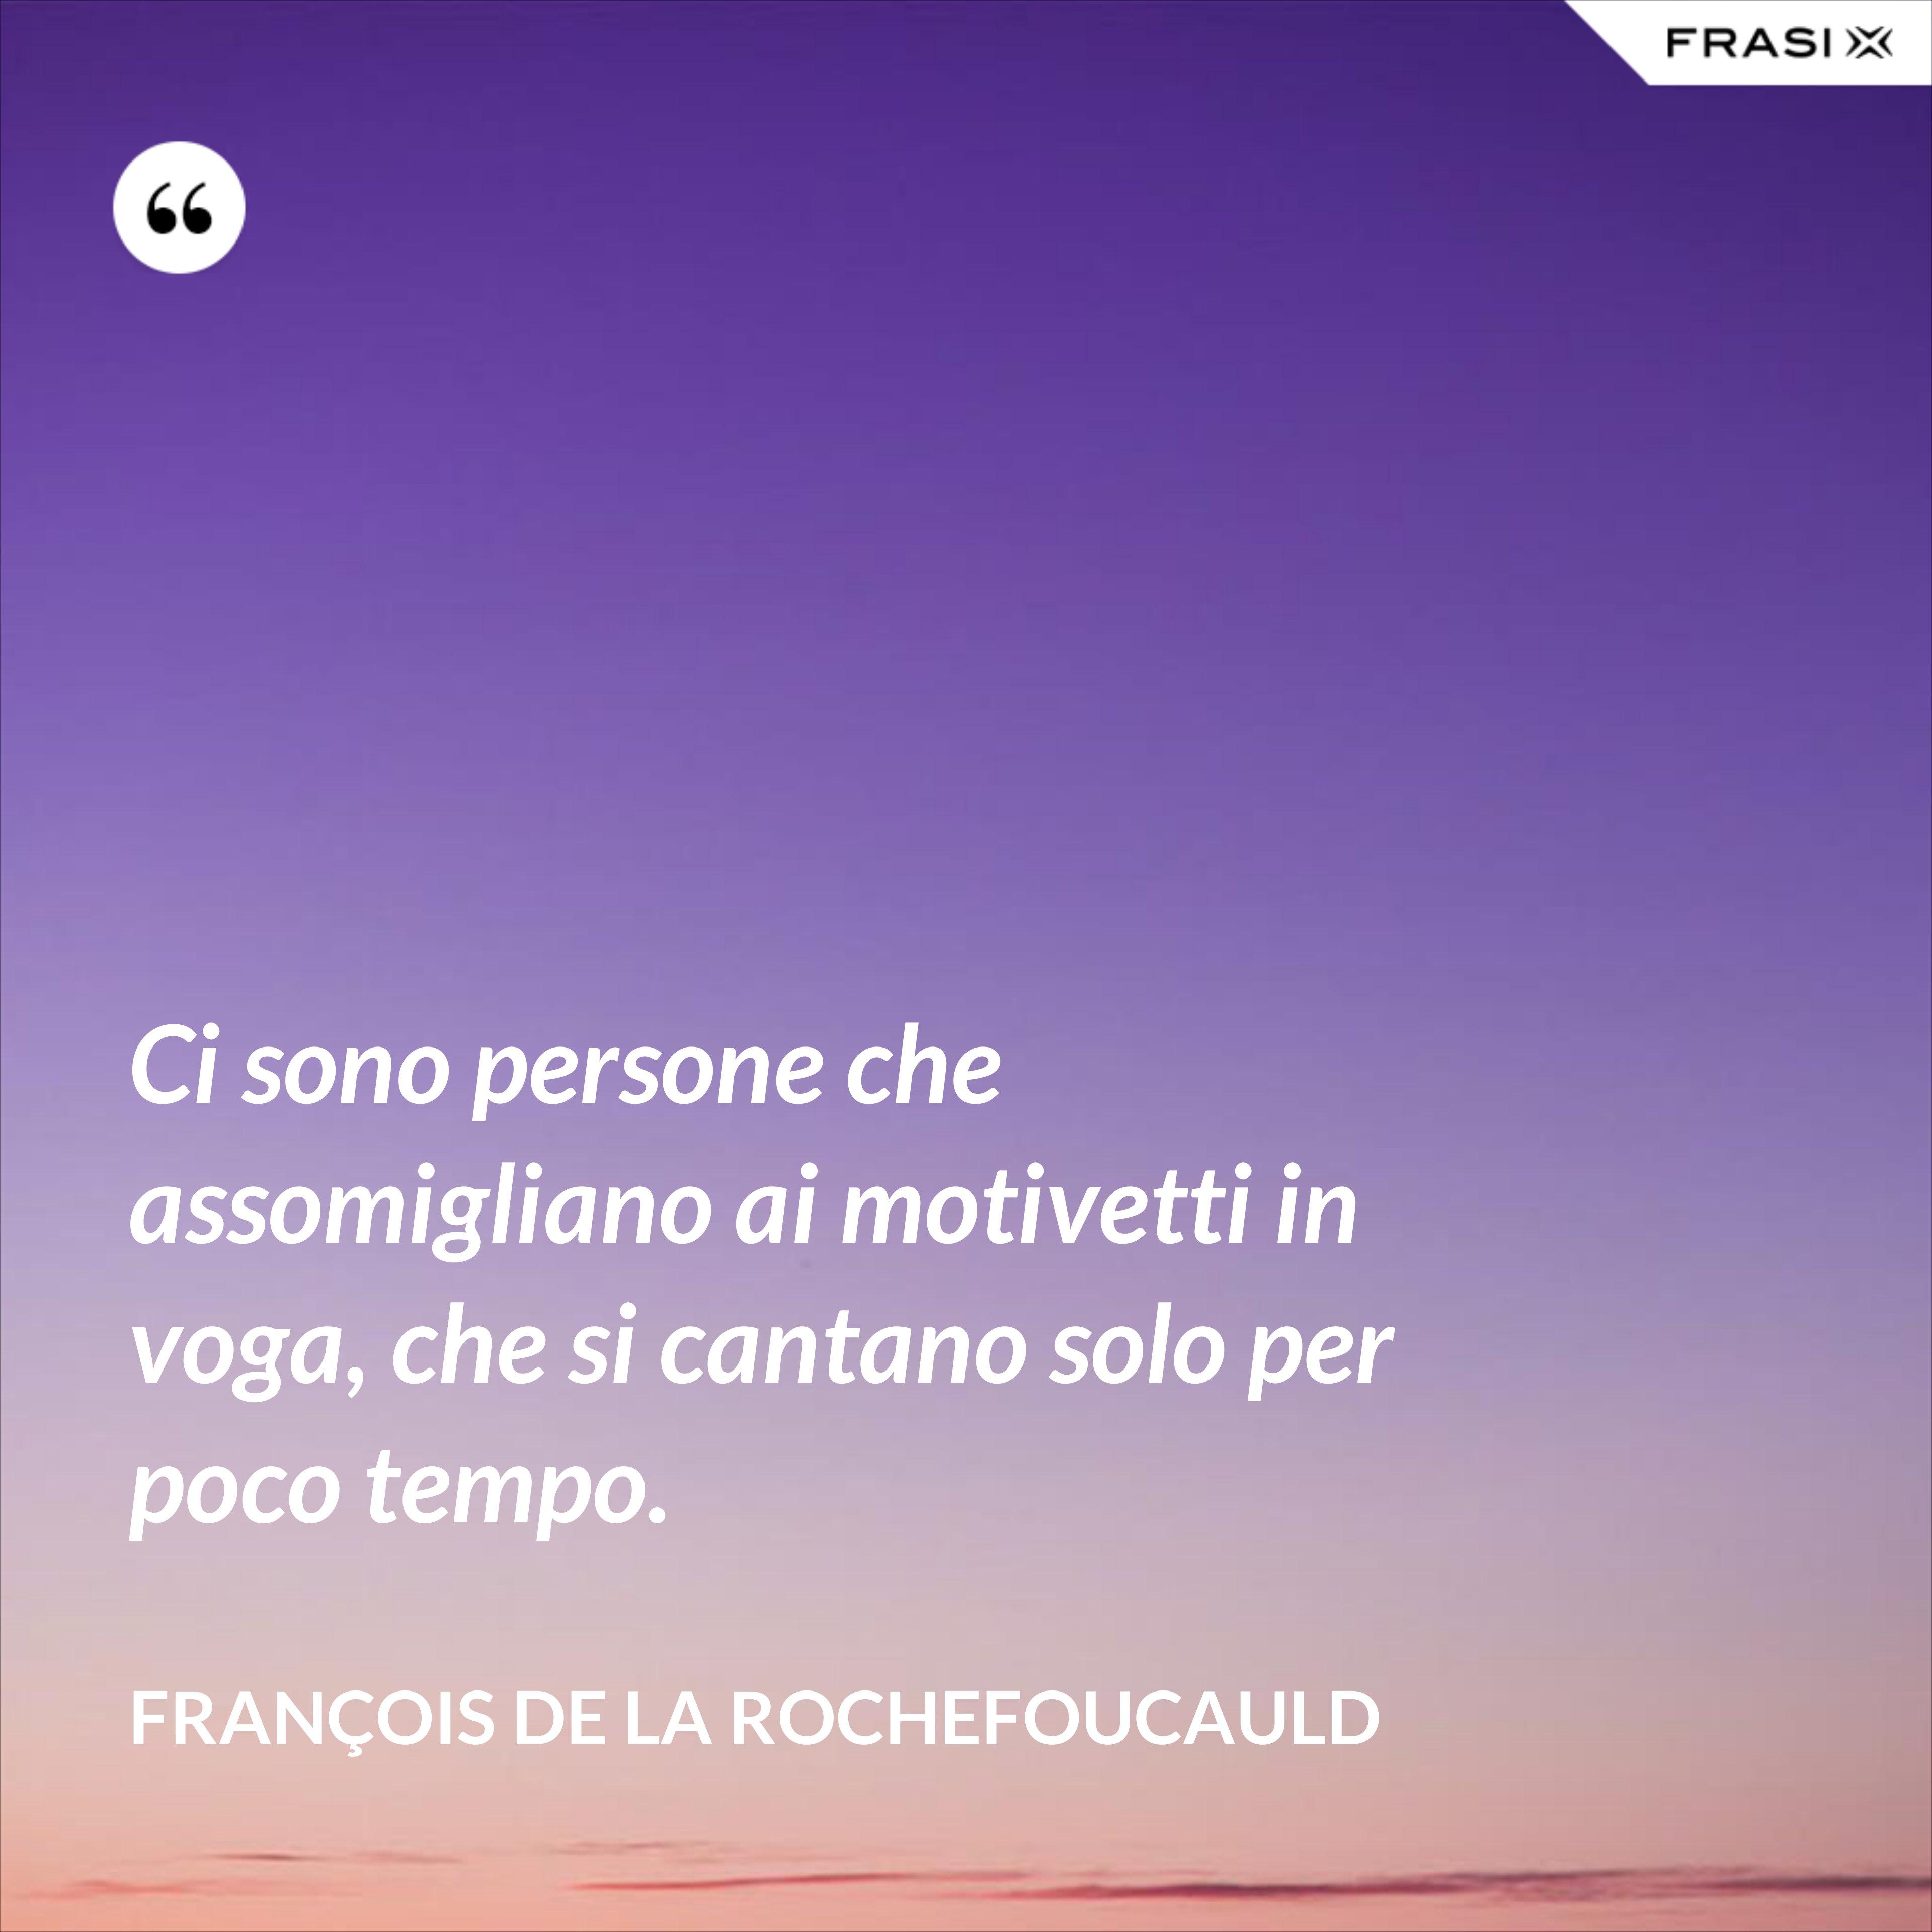 Ci sono persone che assomigliano ai motivetti in voga, che si cantano solo per poco tempo. - François de La Rochefoucauld